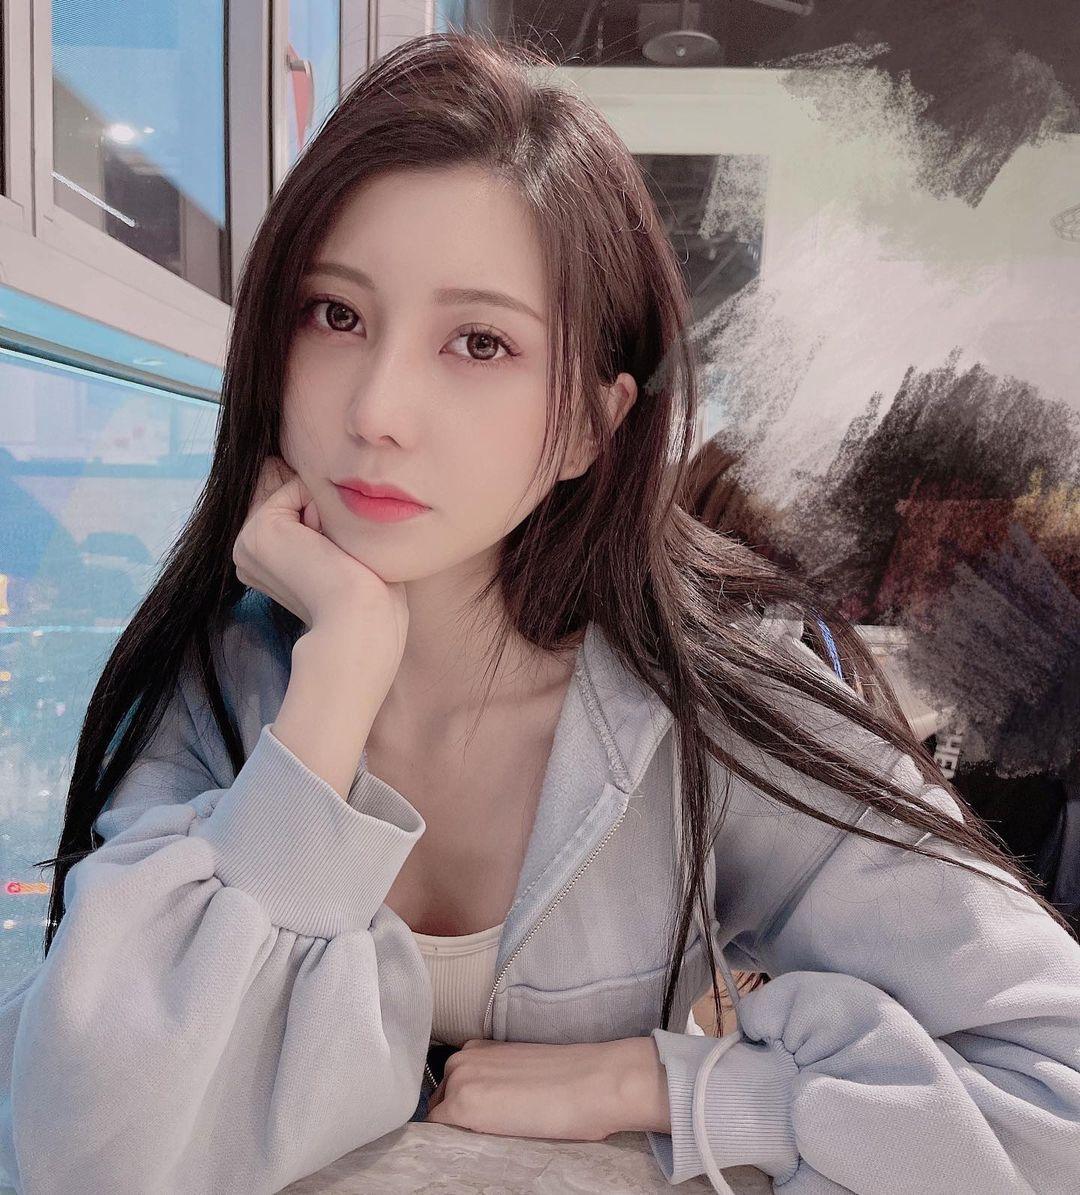 台北街头的「玉兰花美女」打扮火辣超养眼,网友热情表示:买到你提早下班. 养眼图片 第4张